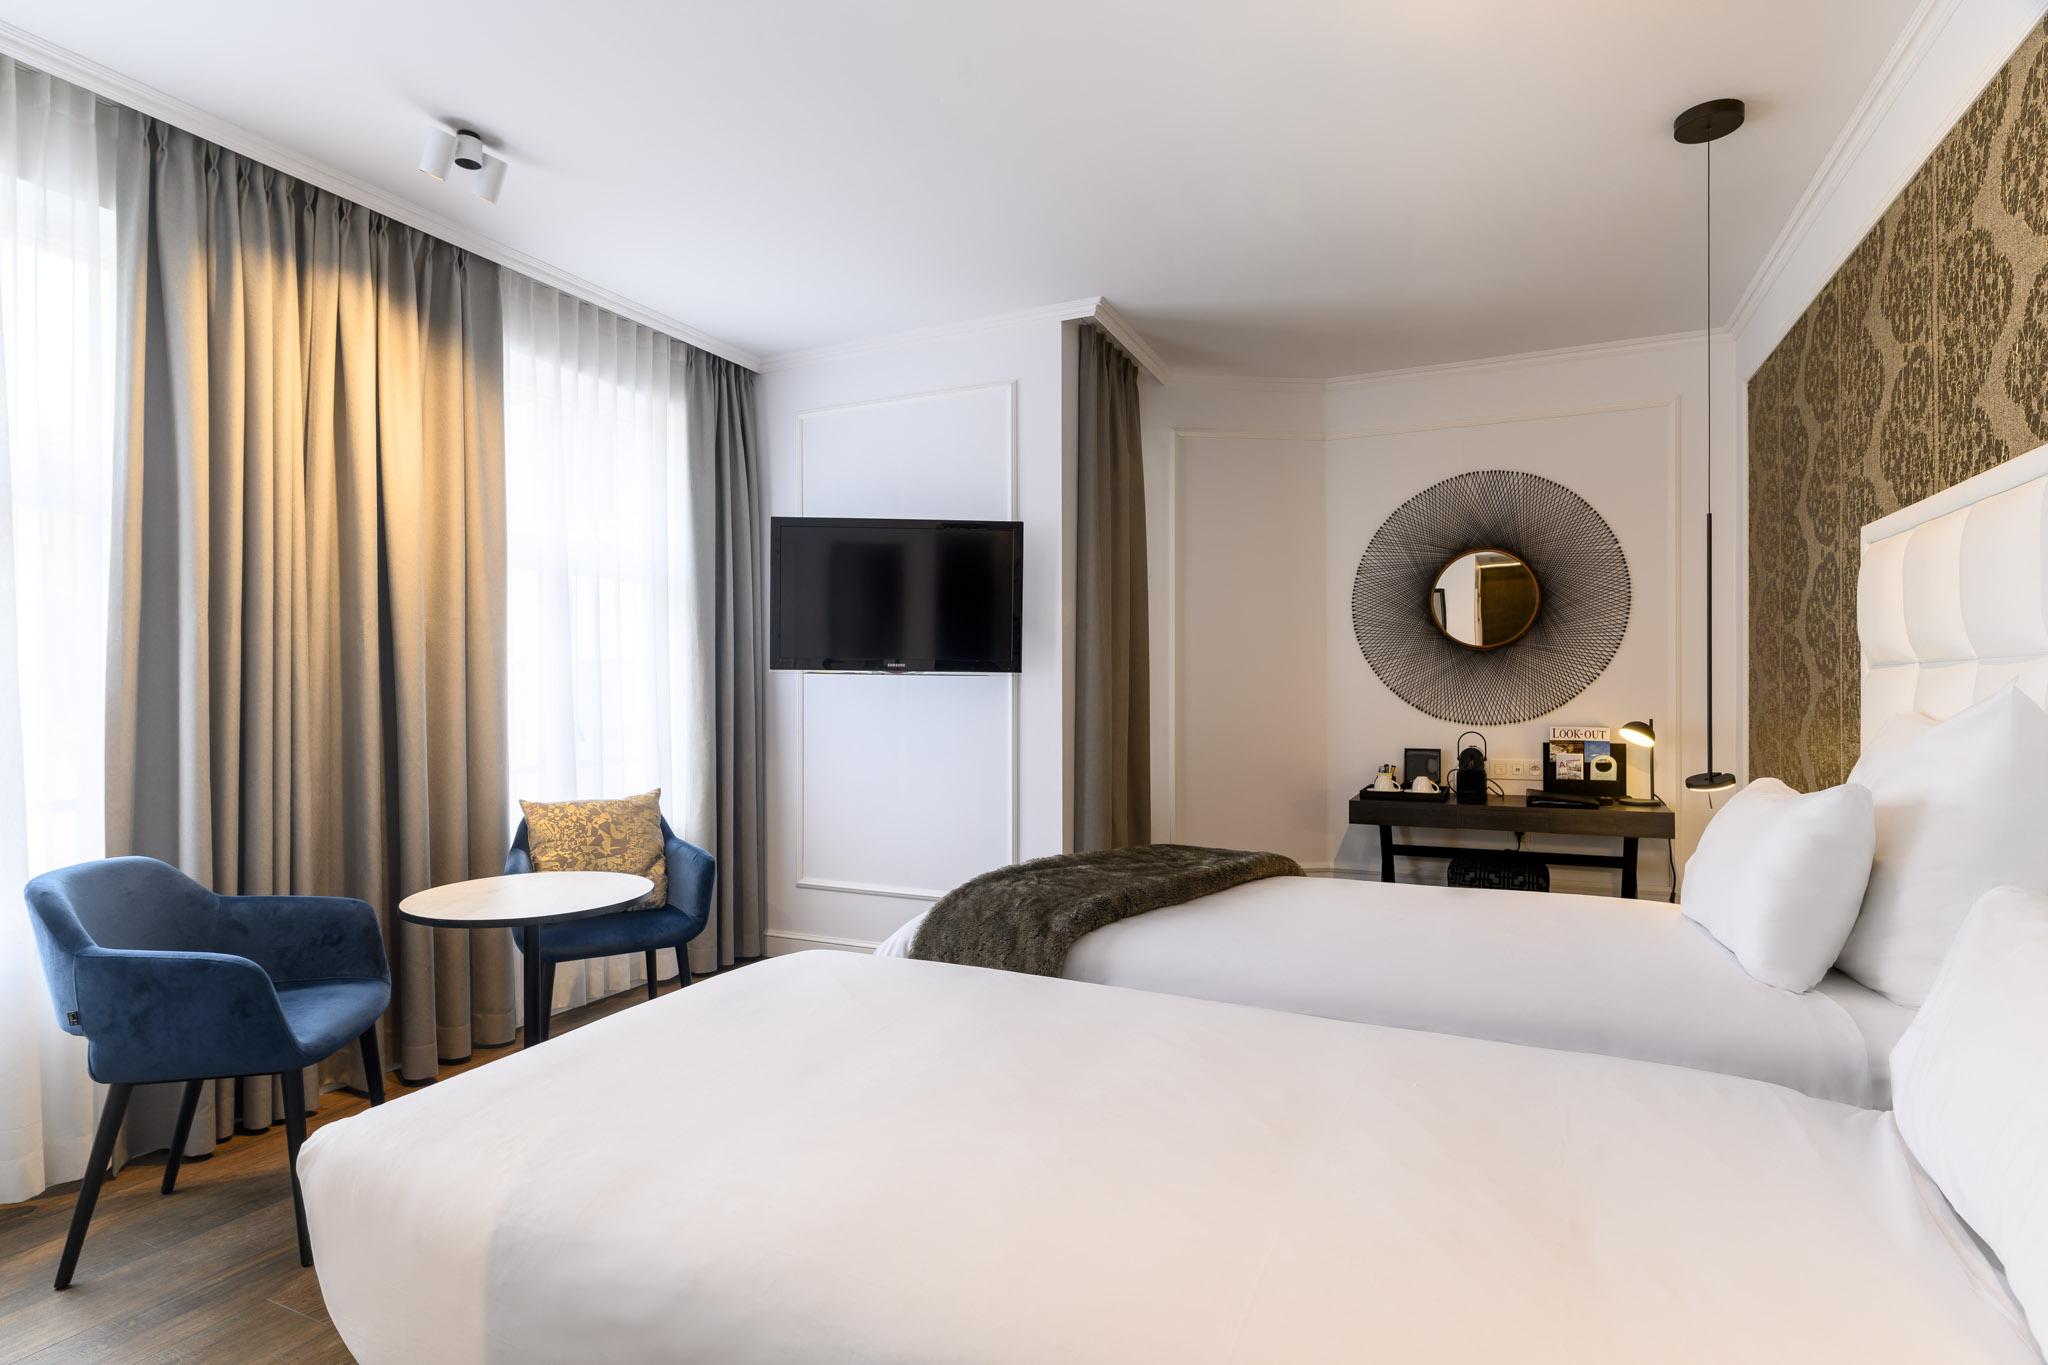 Hotel Rubens - Grote markt | Antwerpen | Oude beurs29